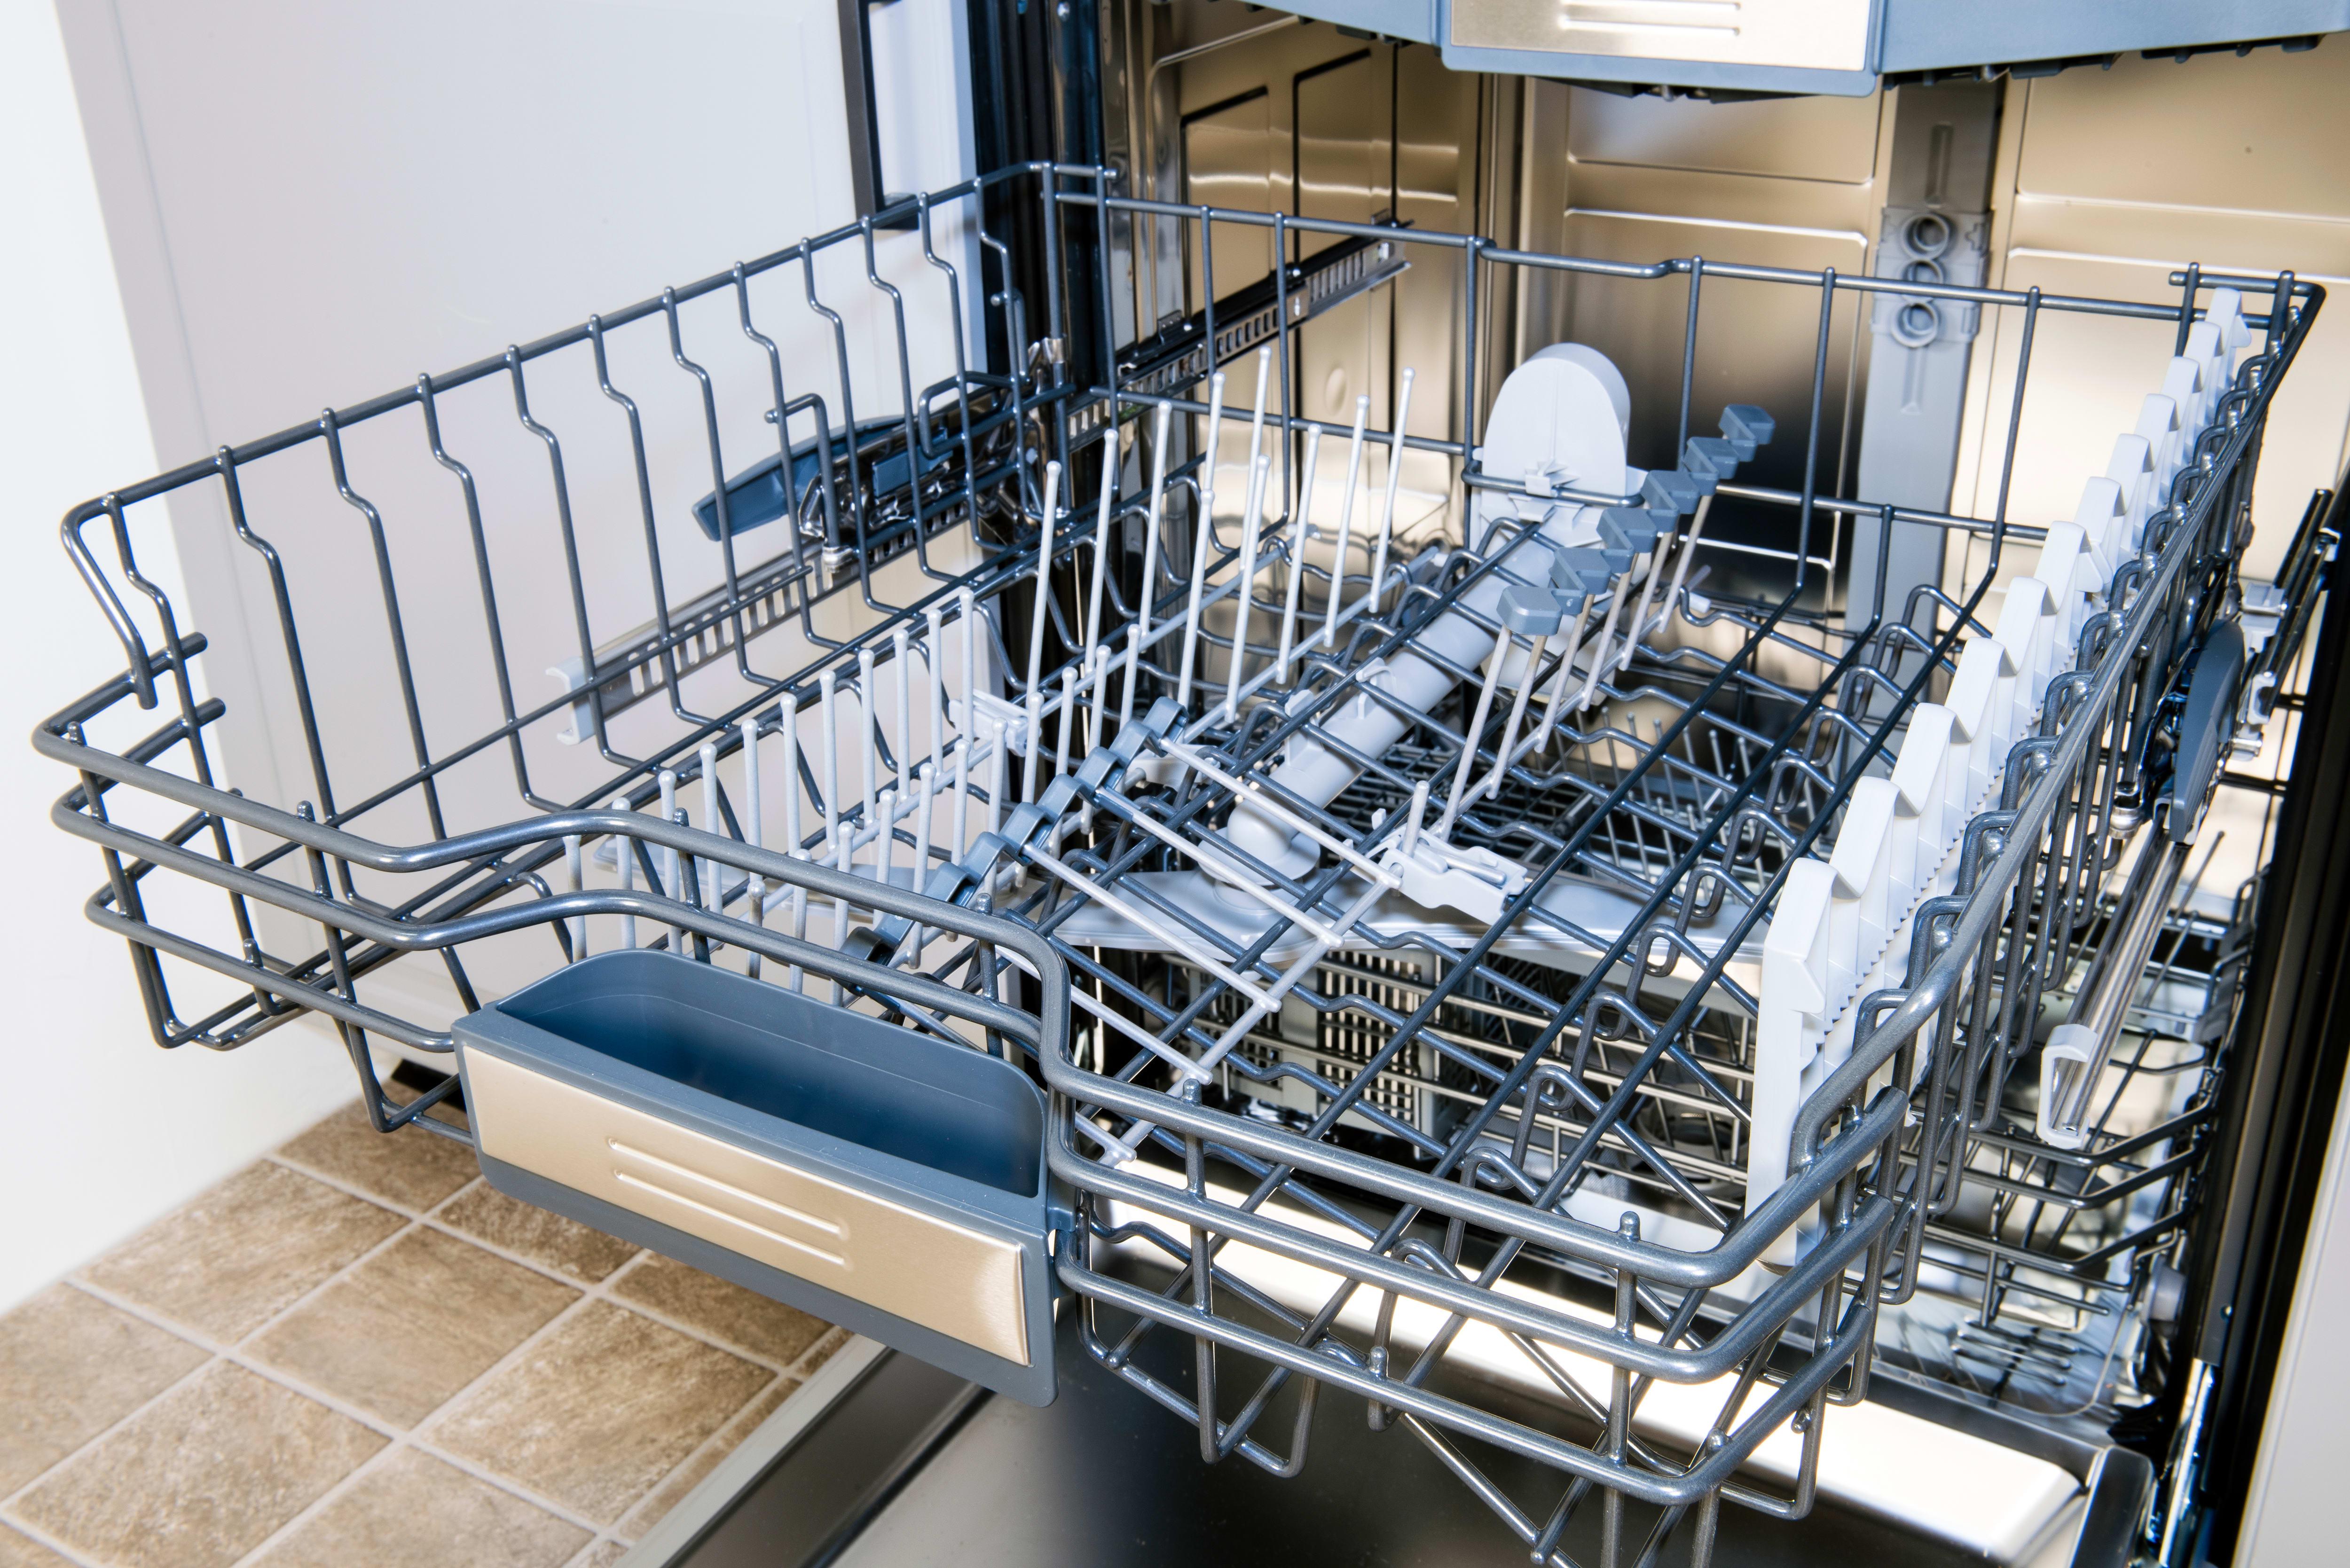 Jenn-Air JDB9600CWX empty top rack